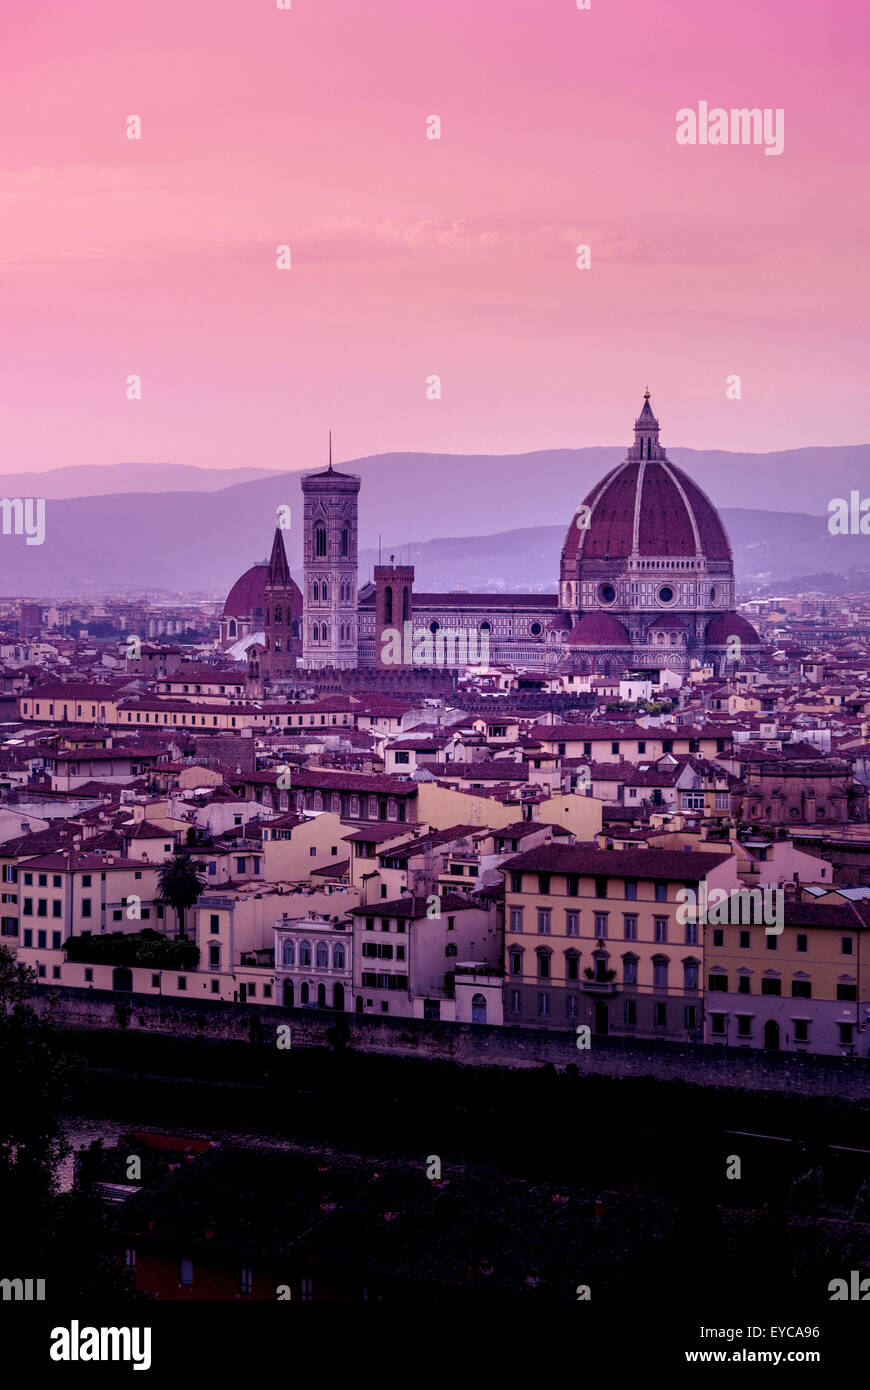 Kathedrale von Florenz in der Abenddämmerung. Florenz, Italien. Stockbild